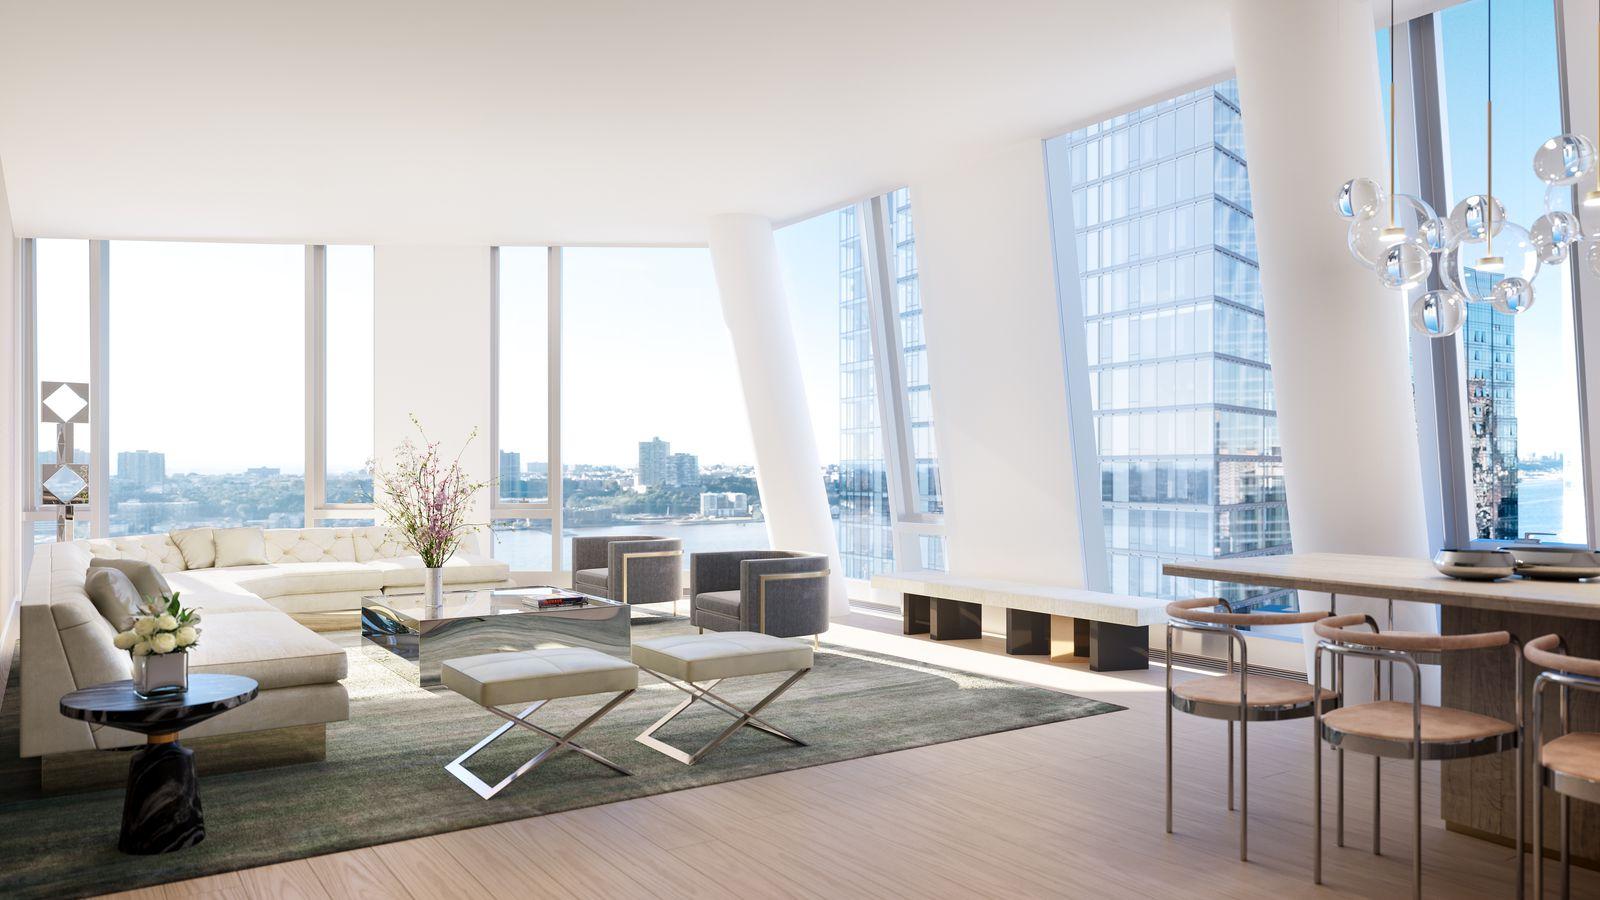 Upper West Side complex designed by KPF Richard Meier